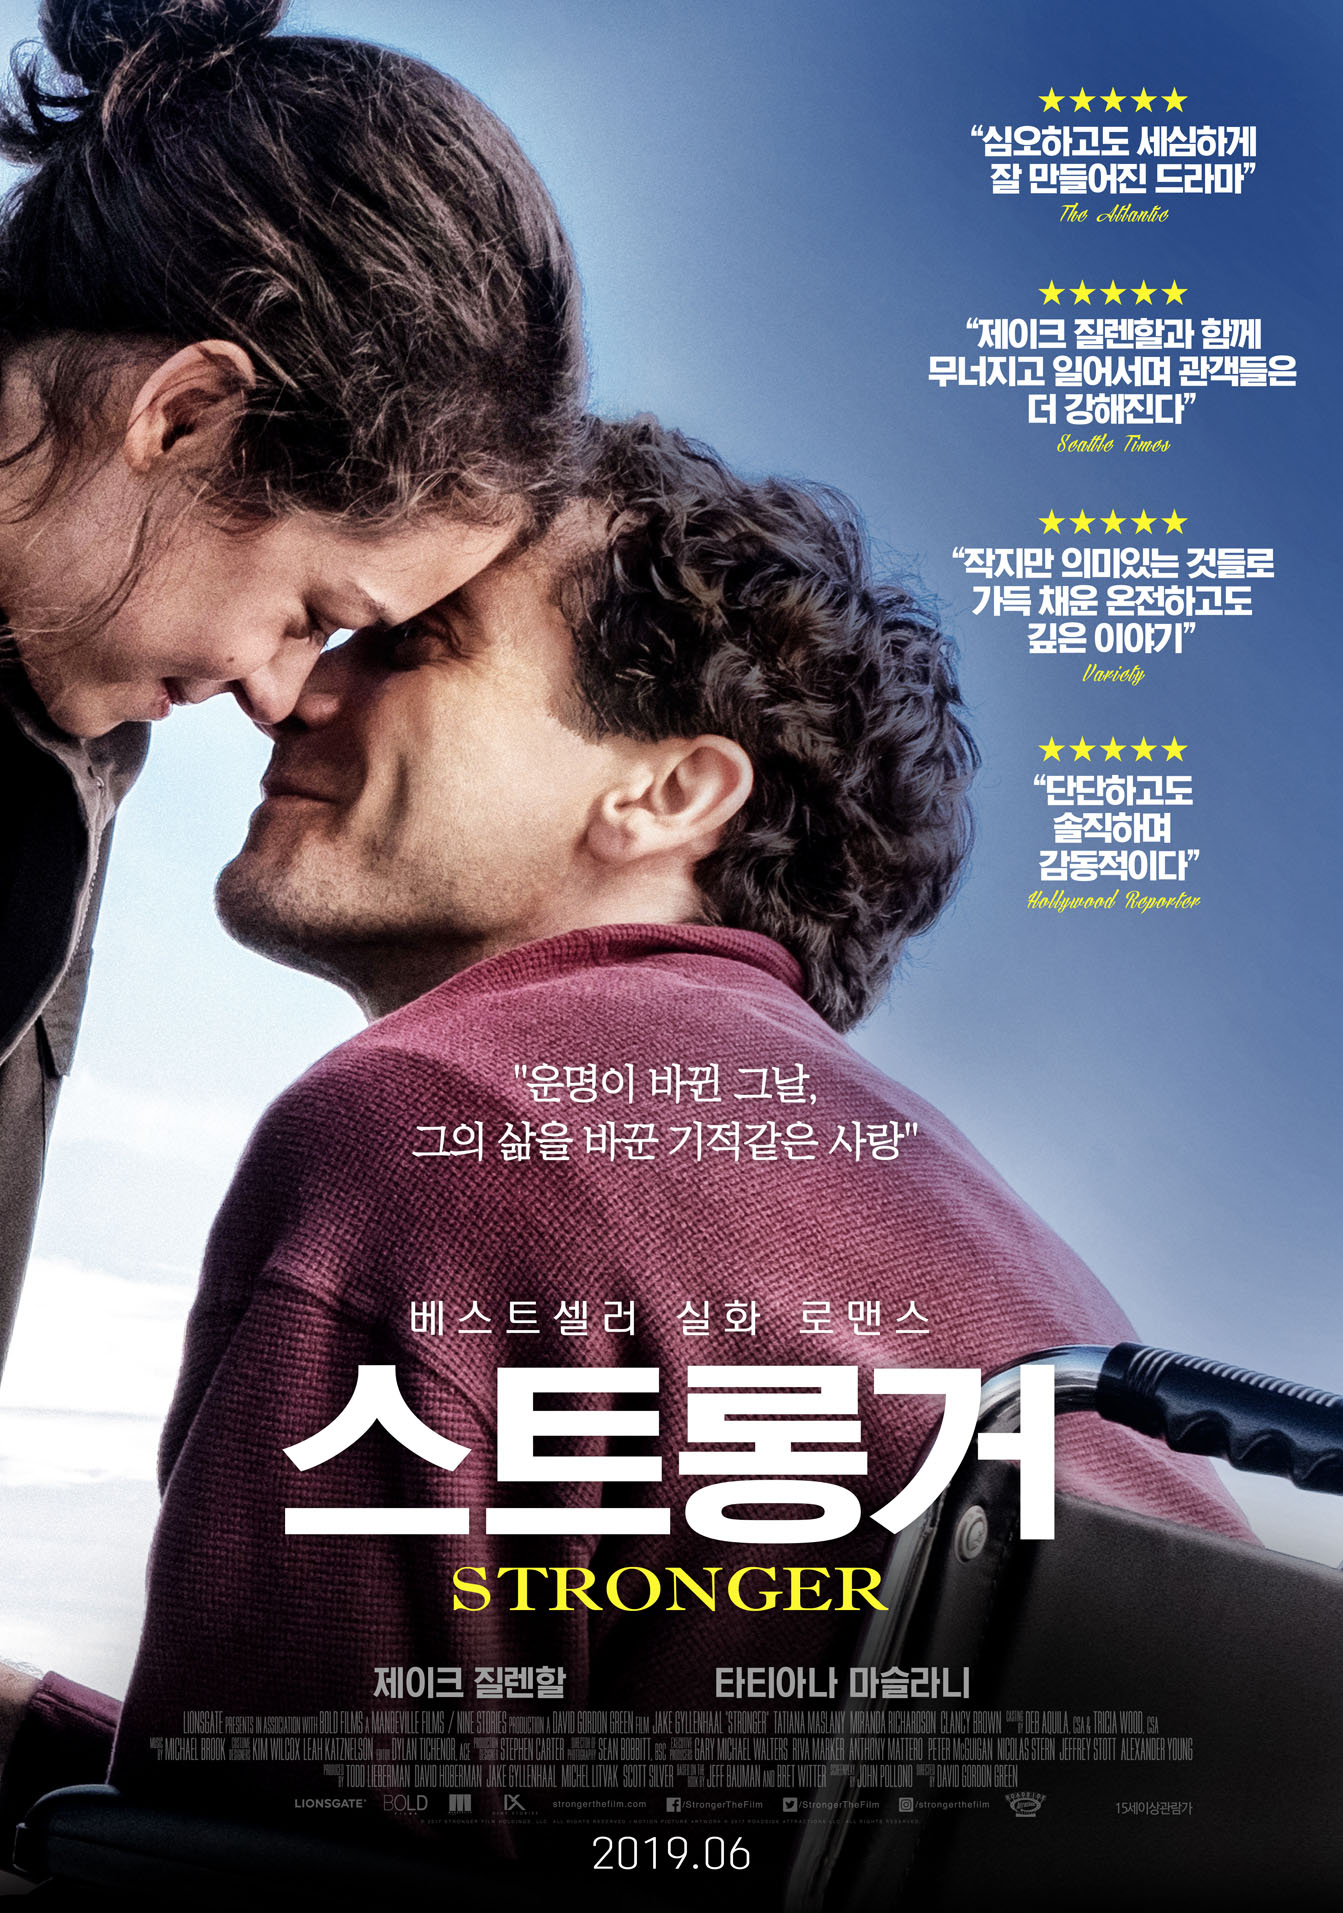 스트롱거 (Stronger, 2017)